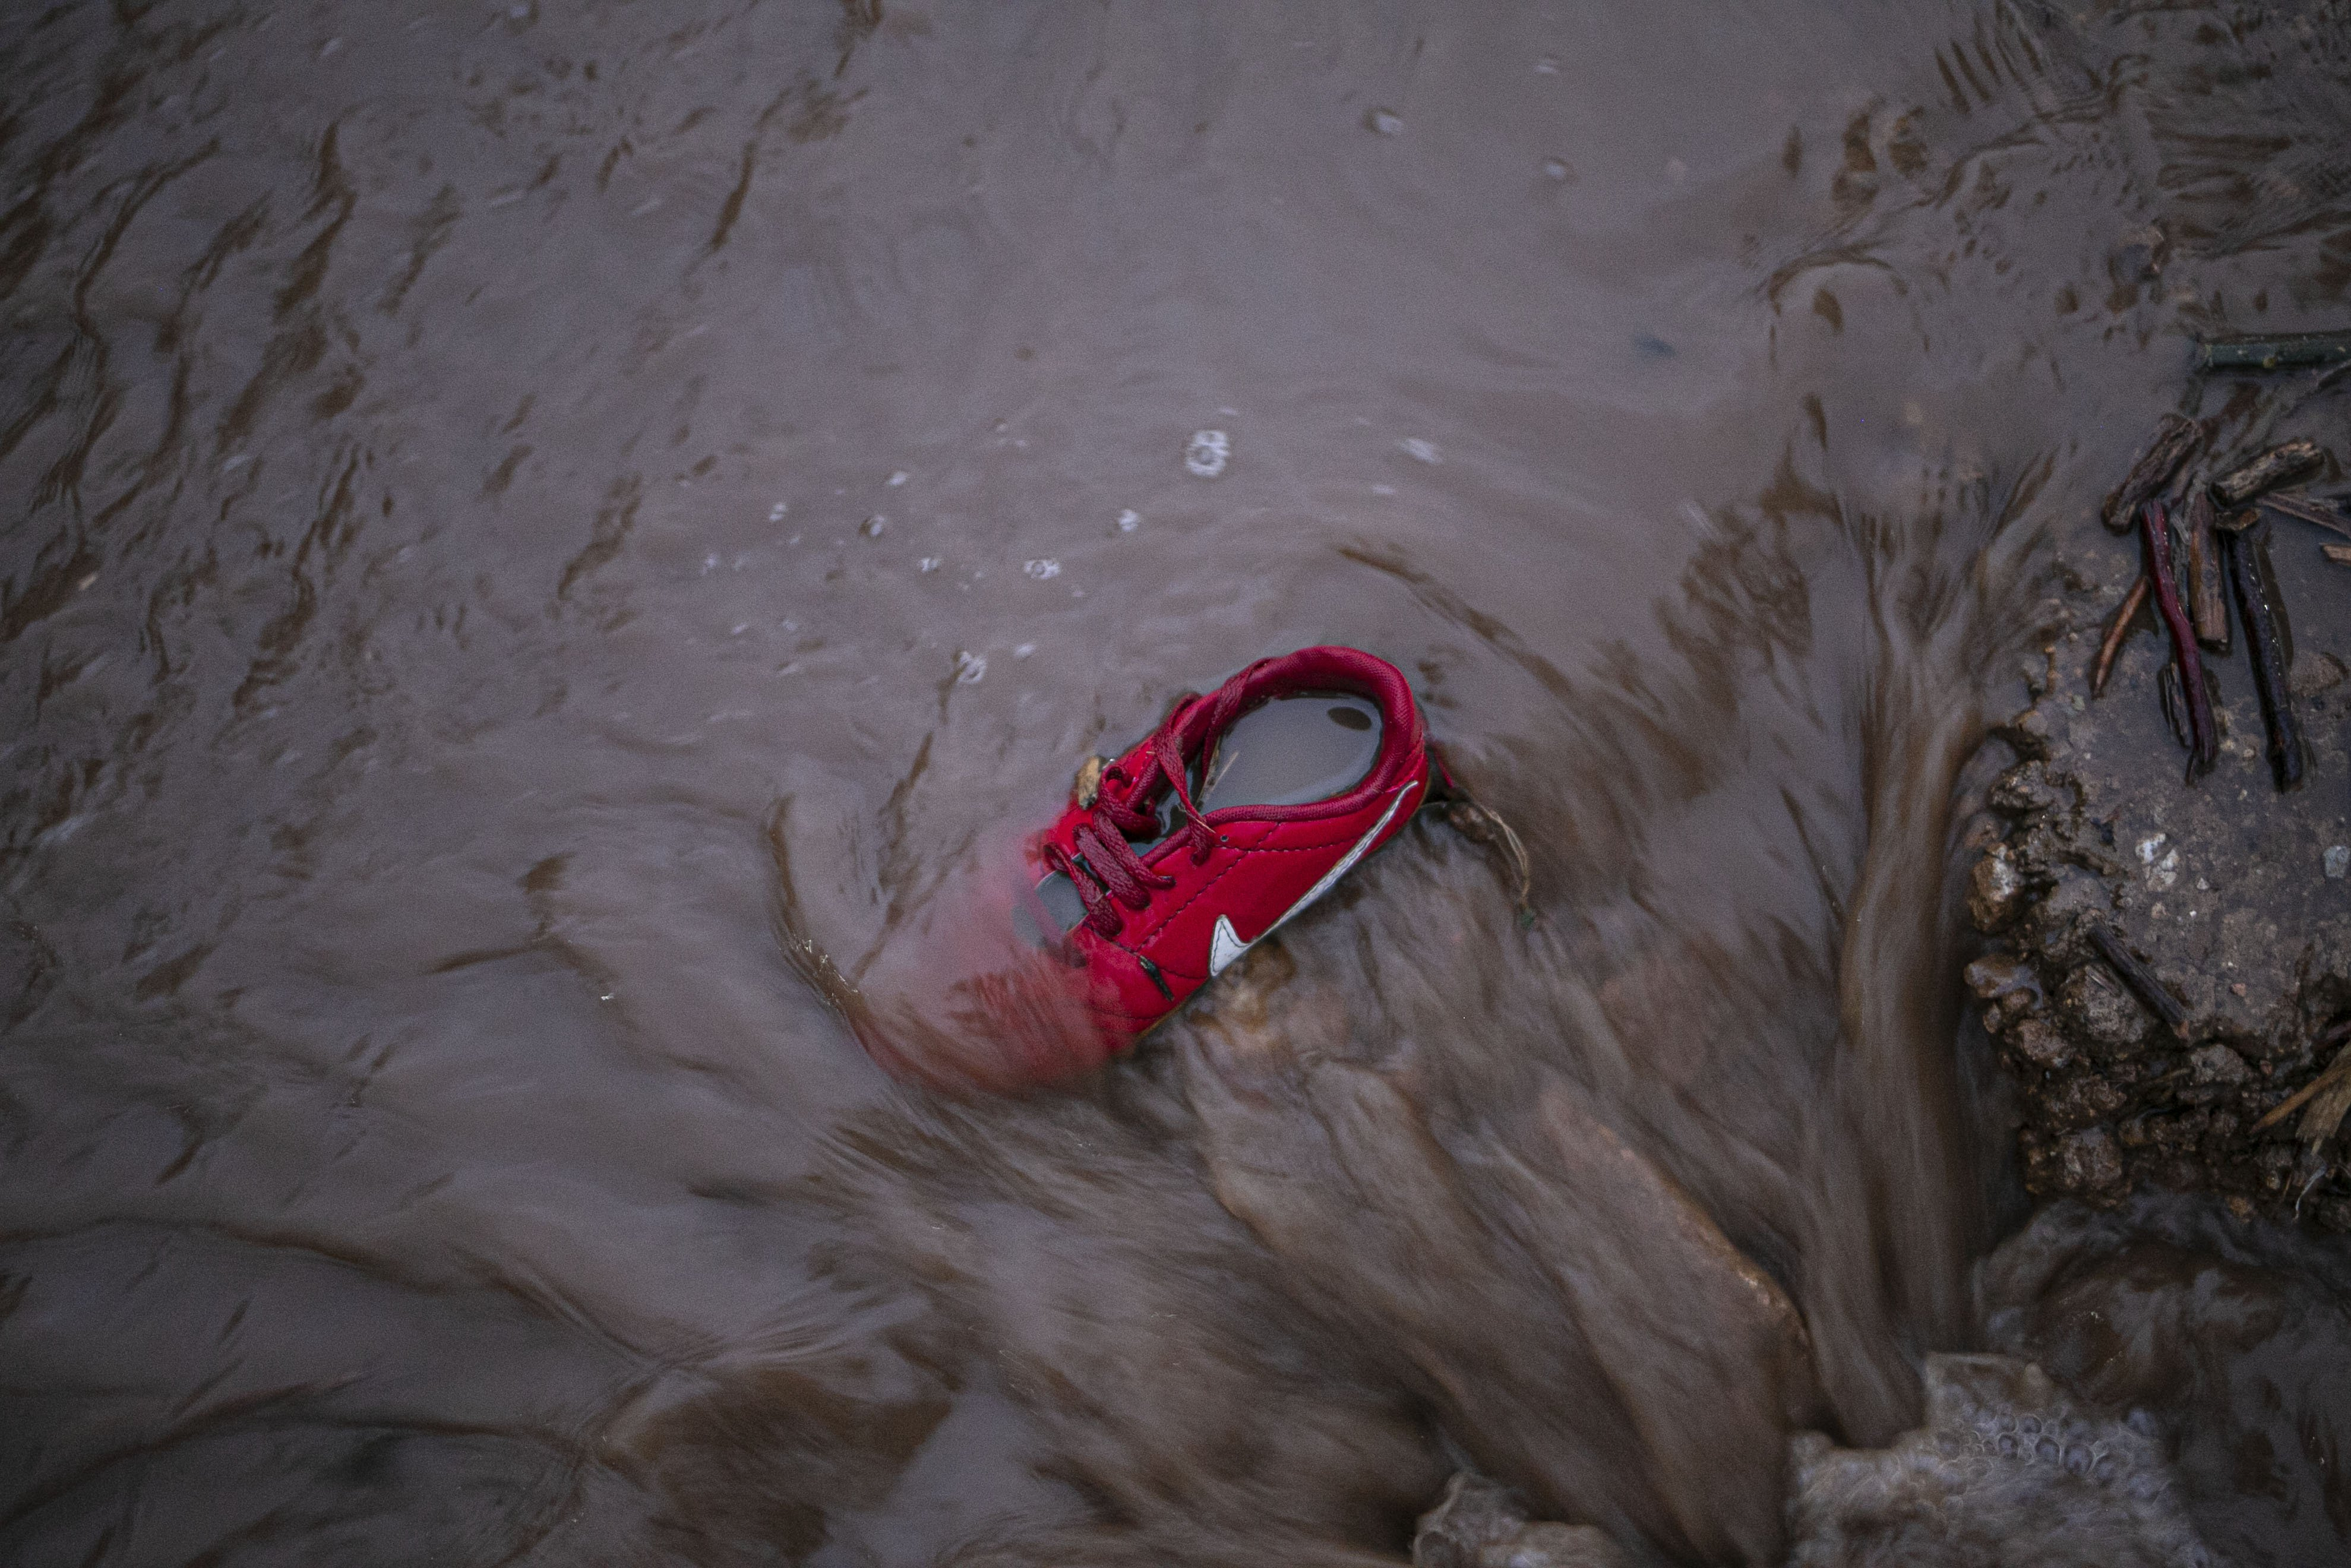 Kondisi Kampung Cibuntu, Desa Pasawahan, Kecamatan Cicurug, Sukabumi, Jawa Barat yang diterjang banjir bandang Selasa (22/9/2020). Data sementara yang dikeluarkan Badan Penanggulangan Bencana Daerah Kabupaten Sukabumi, Jawa Barat, dampak akibat banjir bandang yang terjadi di Kecamatan Cicurug, Senin (21/9), mengakibatkan 12 rumah hanyut dan 85 rumah terendam.